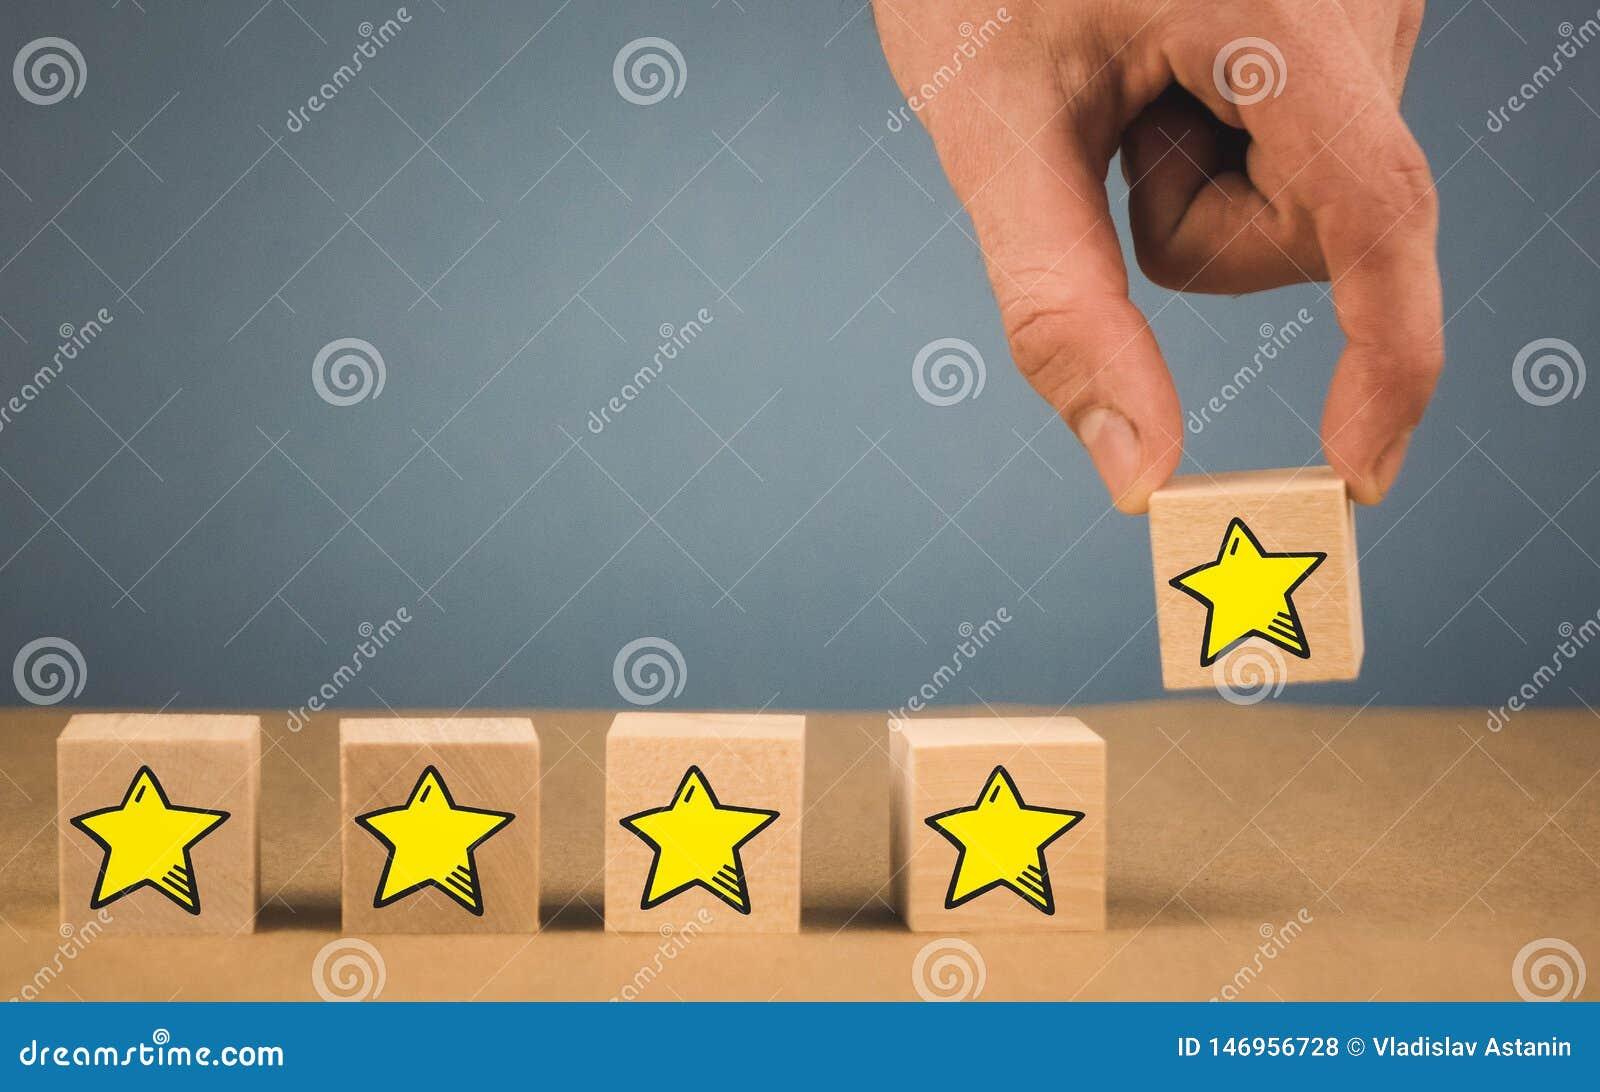 Εμπειρία πελατών, έρευνα ικανοποίησης, αξιολόγηση, εκτίμηση αύξησης και καλύτερες άριστες υπηρεσίες που εκτιμούν τις έννοιες _